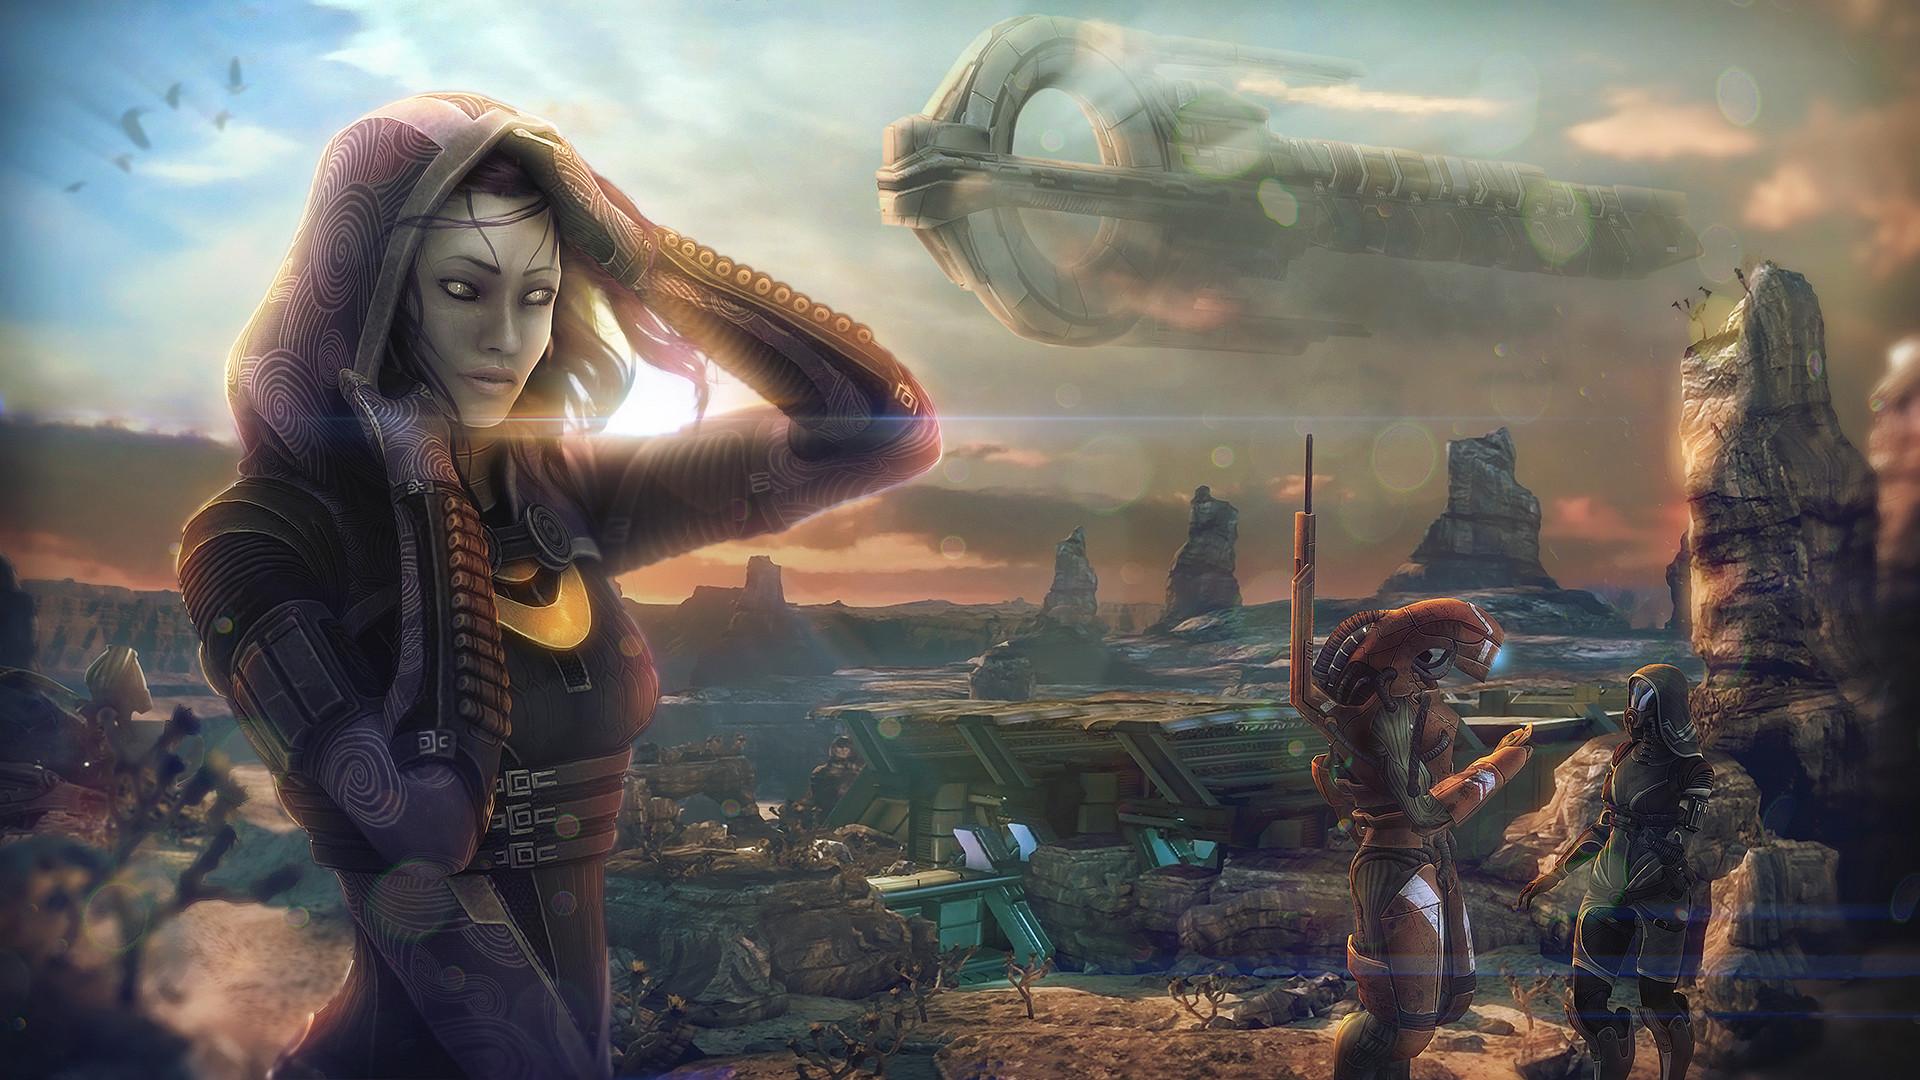 Wallpaper Tali Zorah Mass Effect Aliens vas Normandy Space Girls Games  Ships Hood headgear 1920×1080